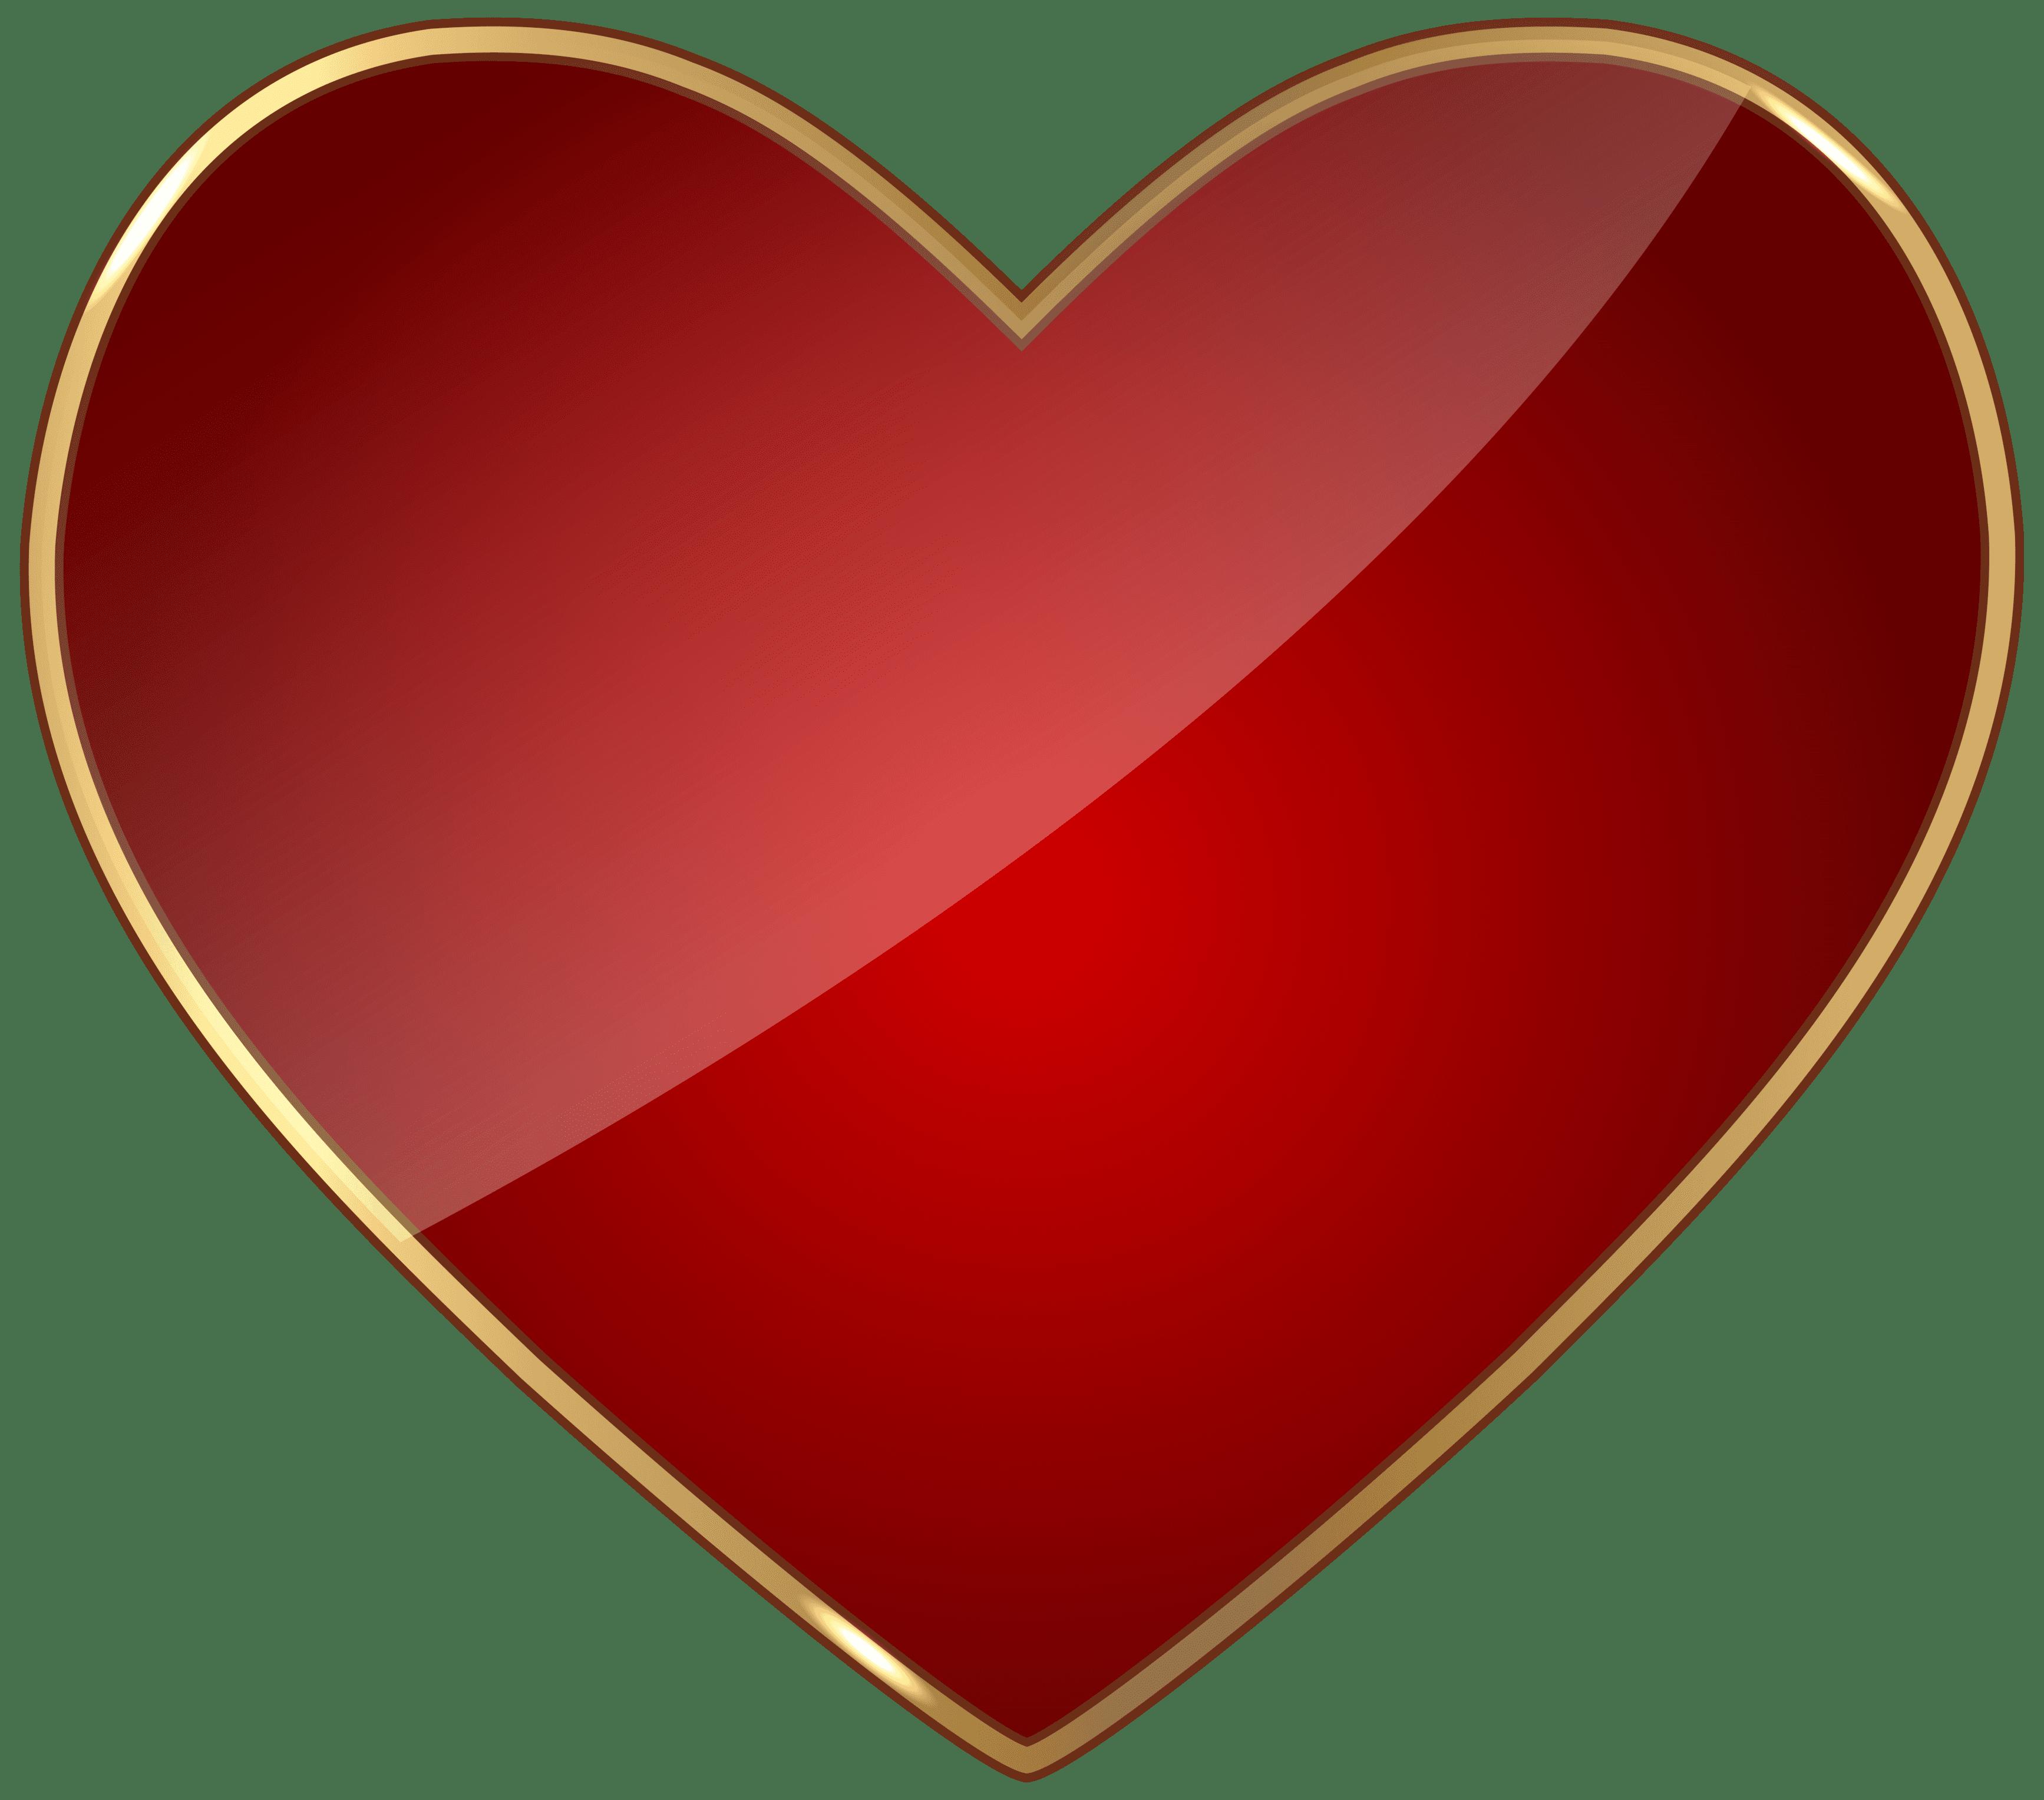 Heart Transparent Png Clip Art